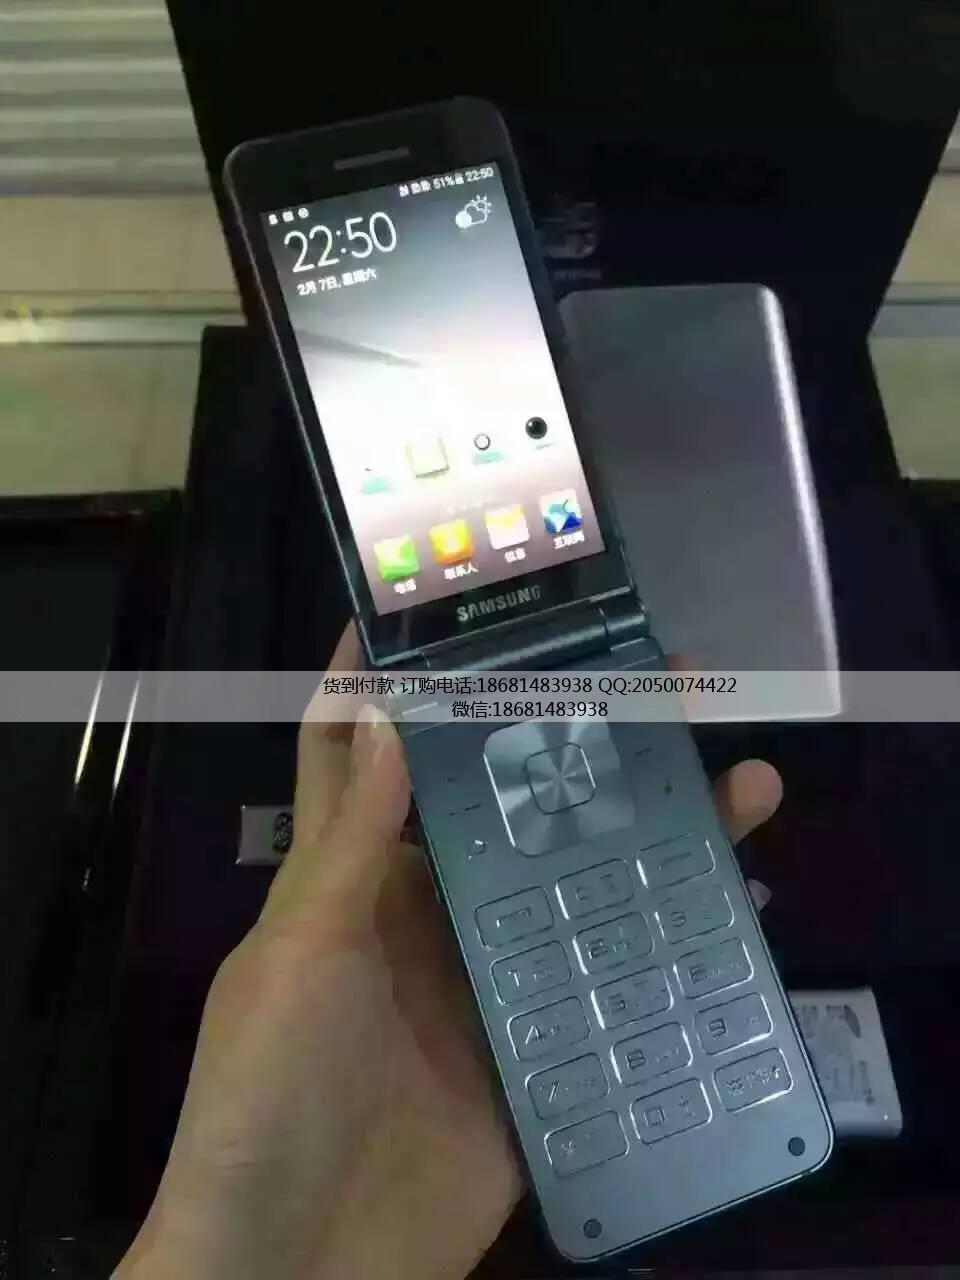 香港三星手机报价_三星w2016手机港版报价